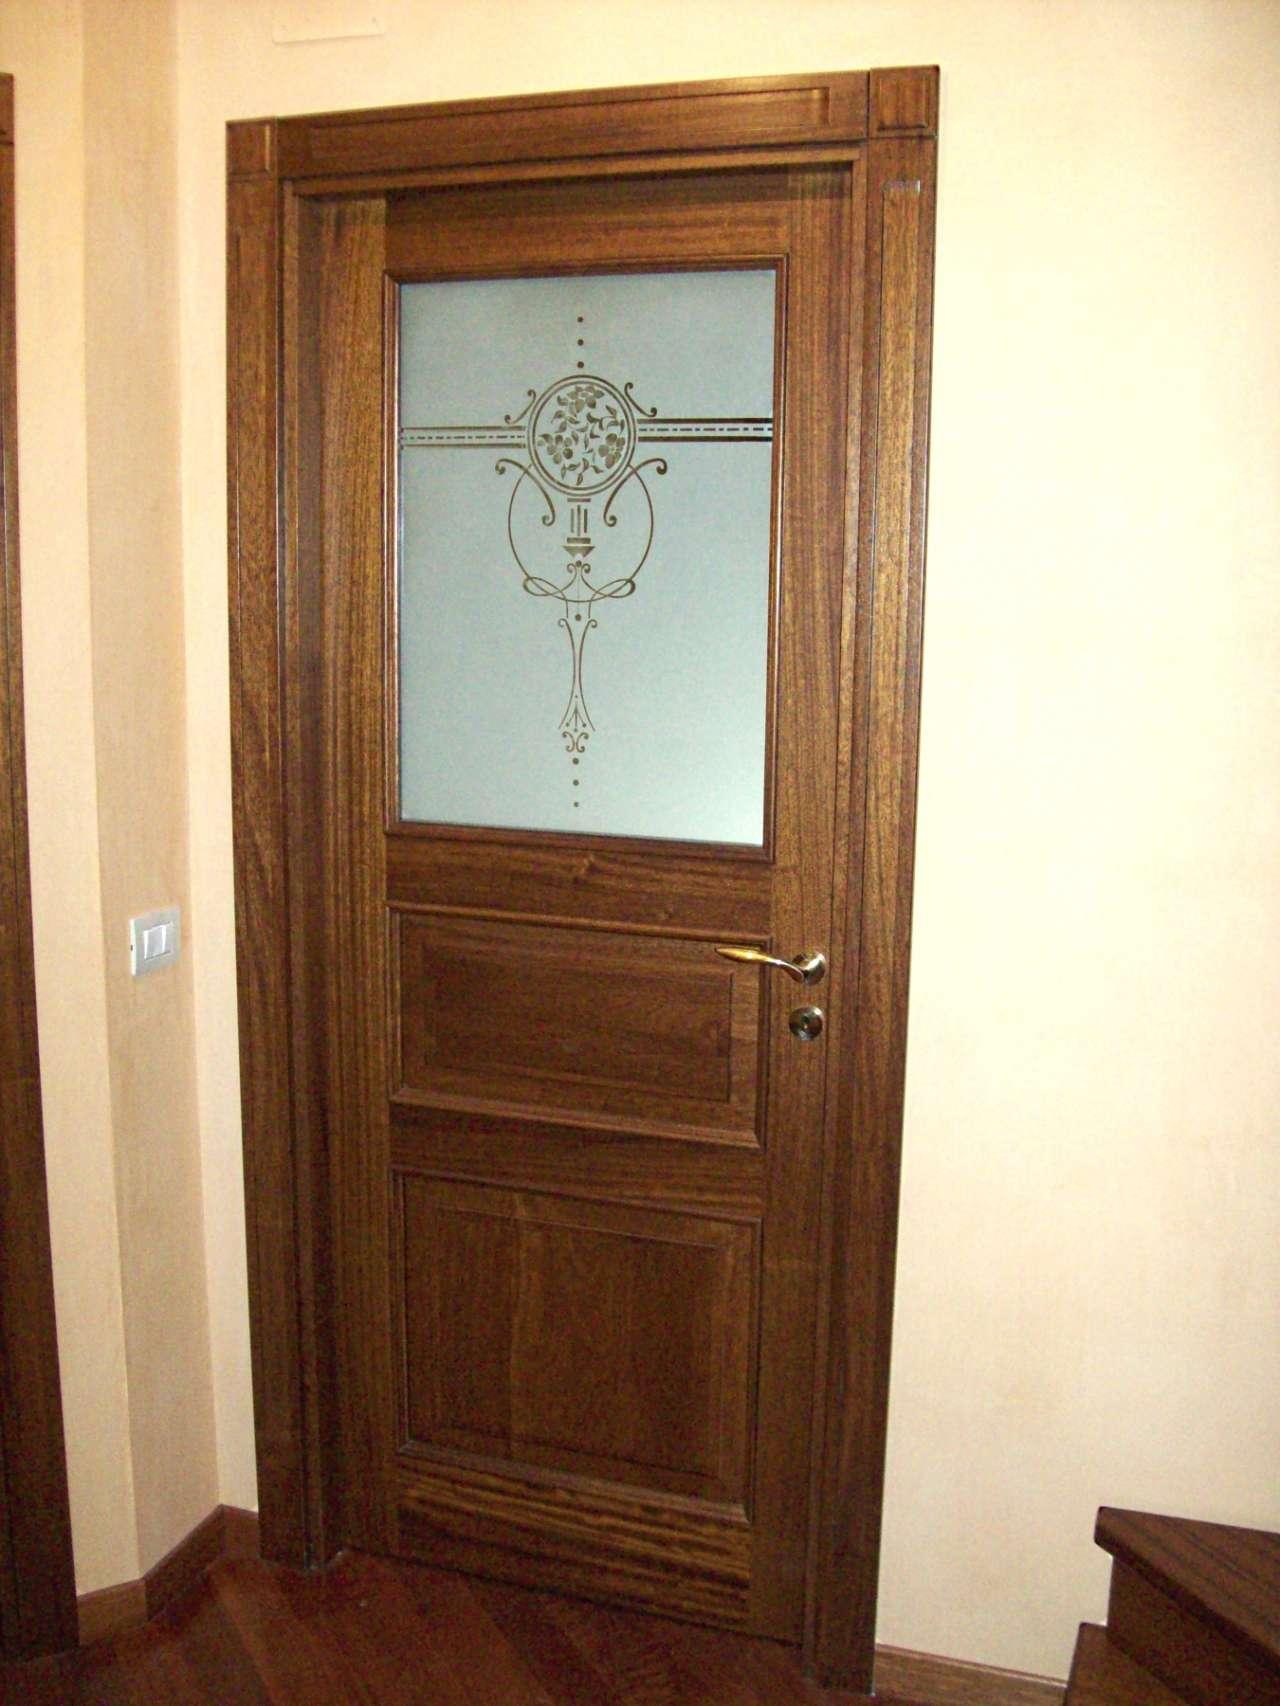 Falegnameria reggio calabria ranieri home page - Vetro per porta interna ...